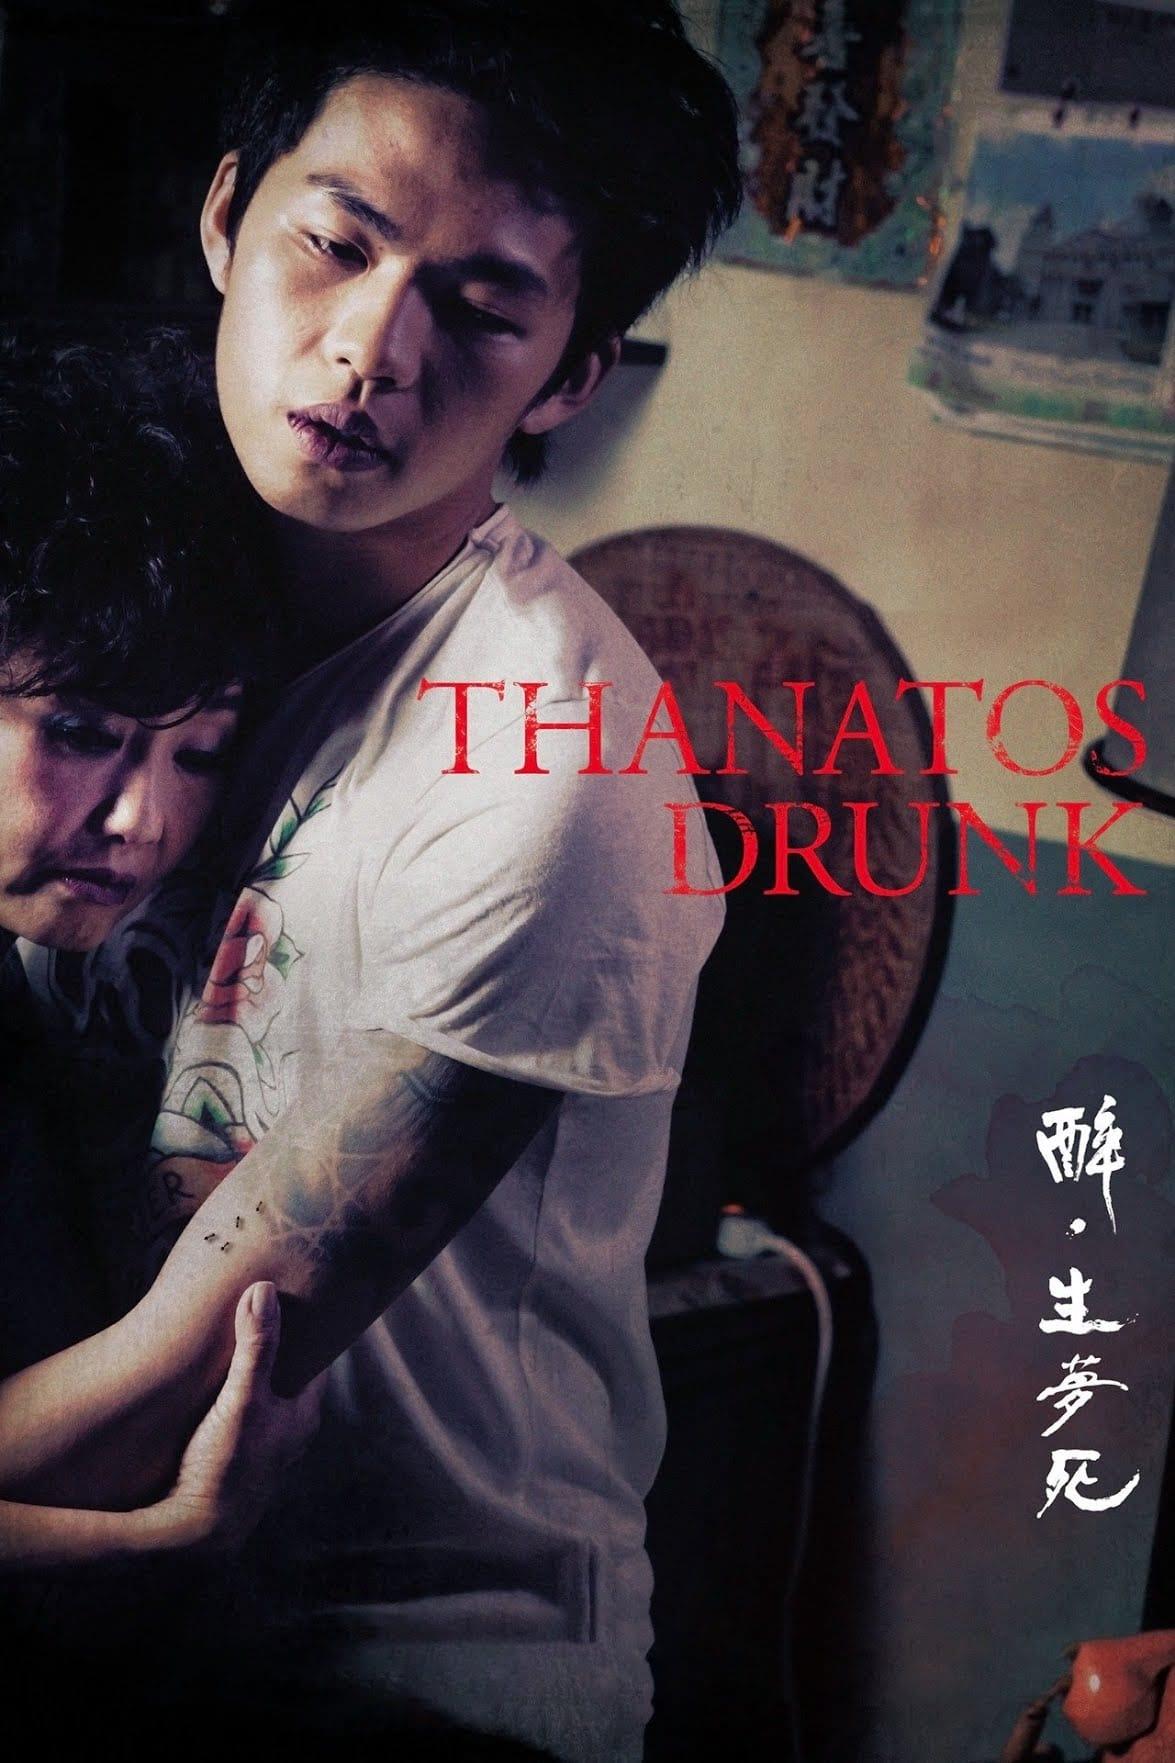 Thanatos, Drunk